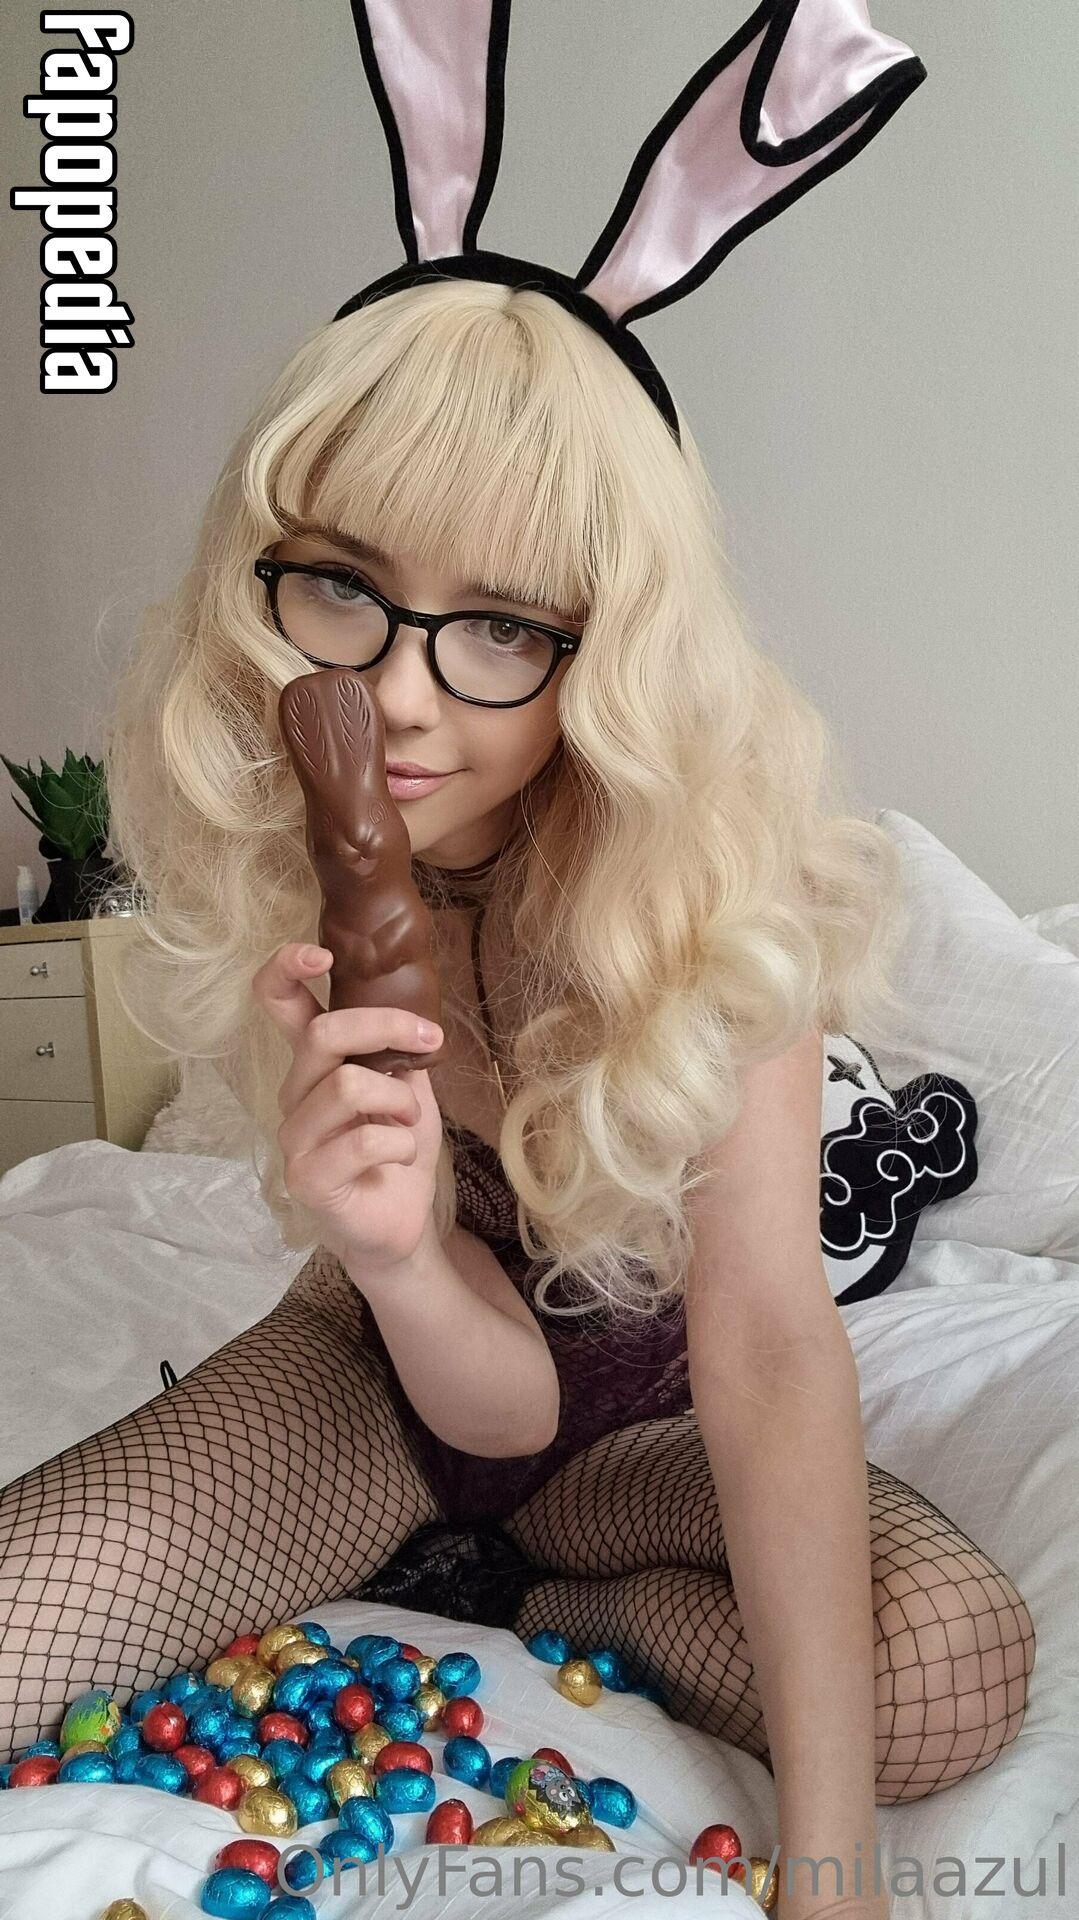 Mila Azul Nude OnlyFans Leaks Patreon Leaks